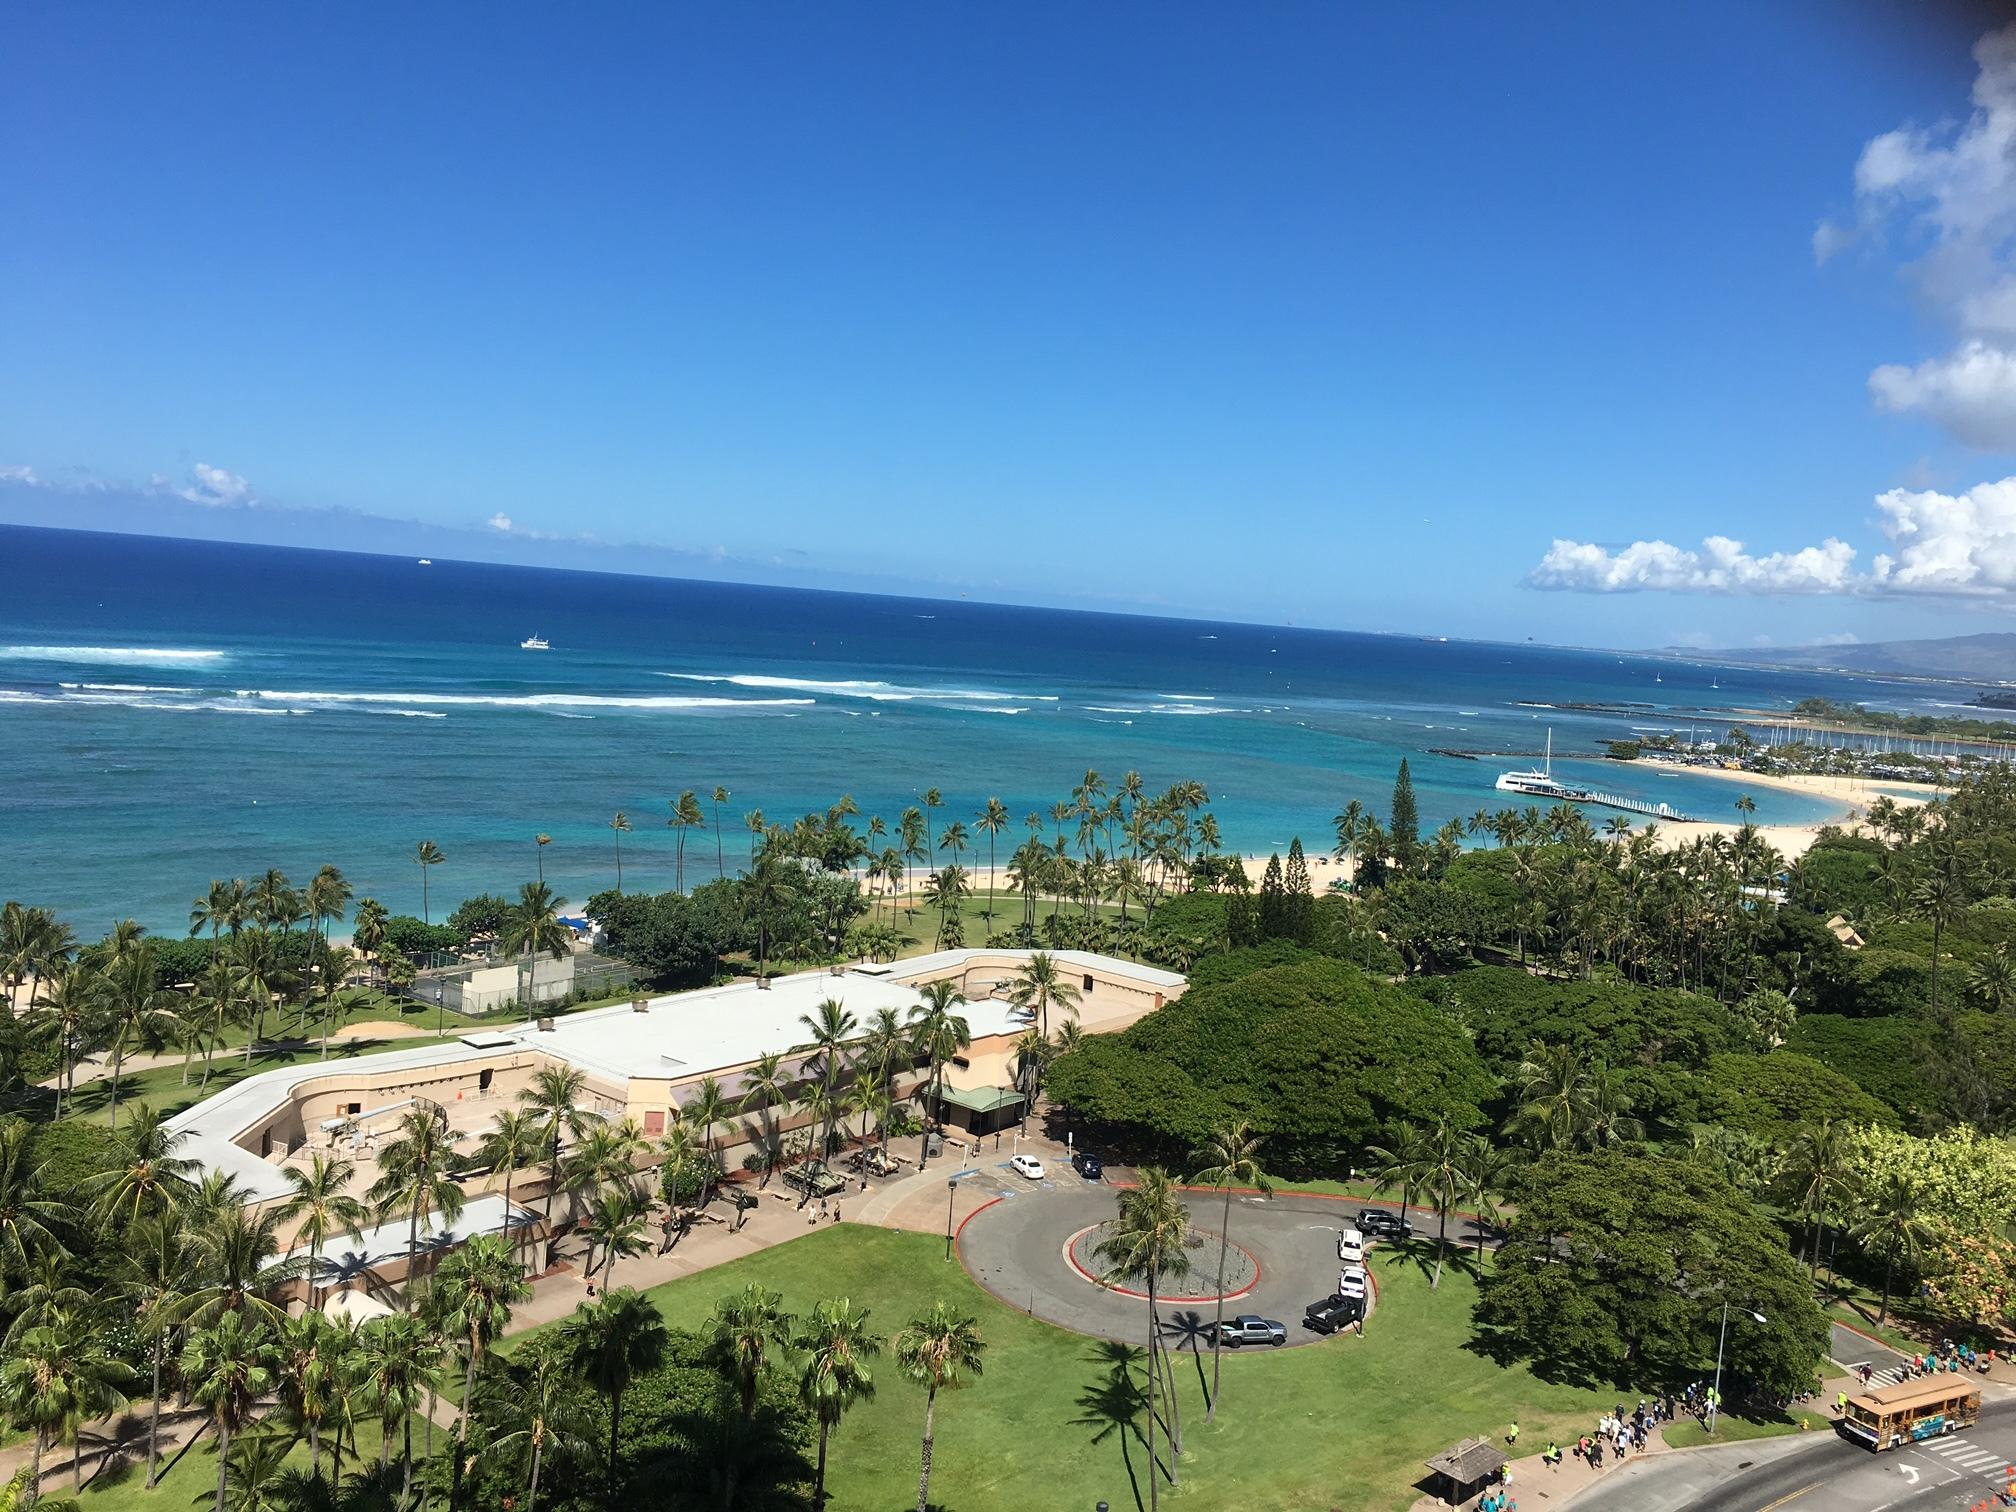 ハワイに行って来ました。_1_1-1